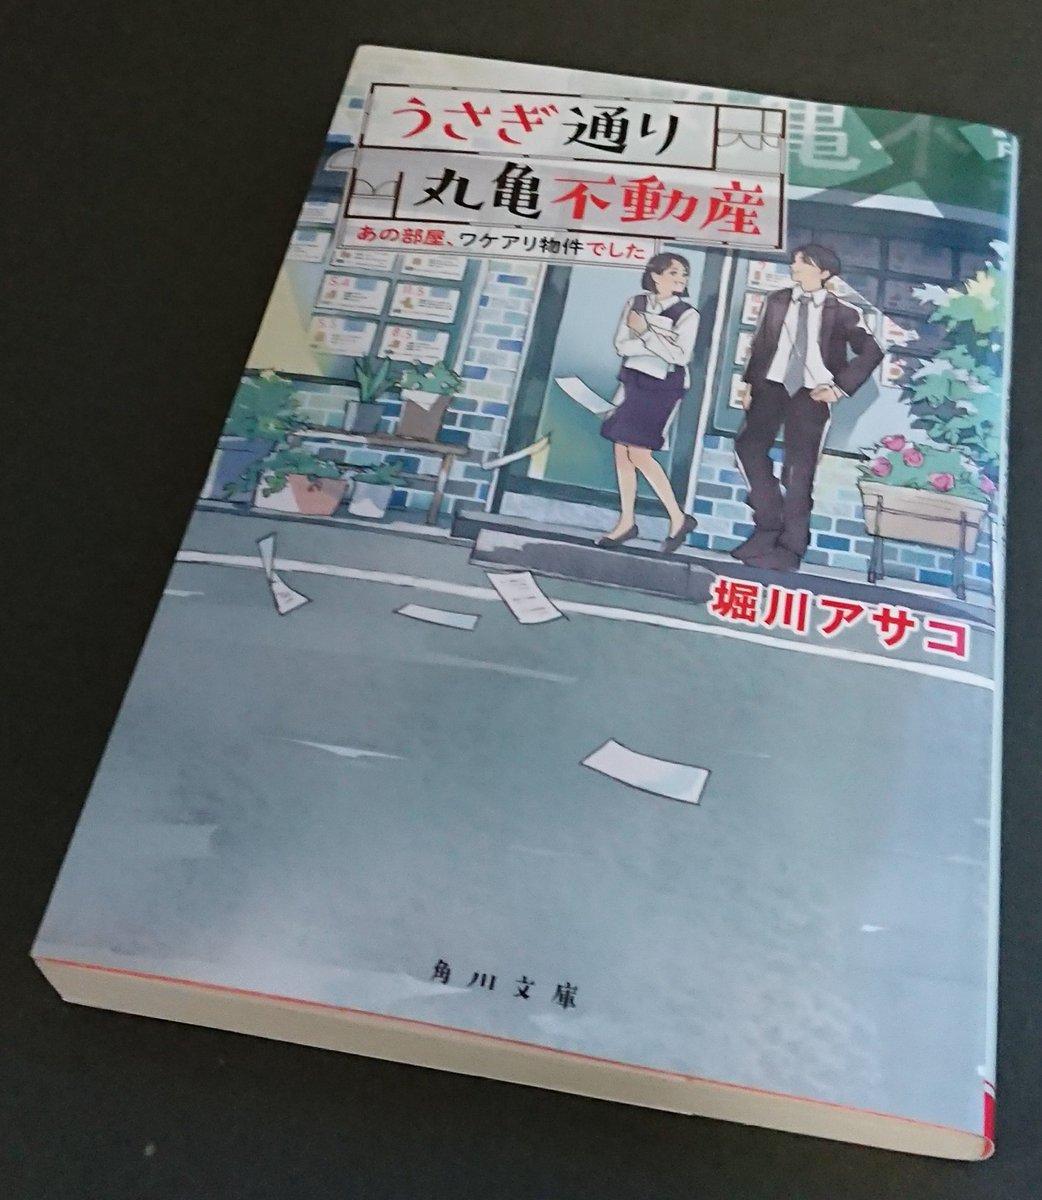 読んだ文庫本 #読了堀川アサコさんの「うさぎ通り丸亀不動産 あの部屋、ワケアリ物件でした」やっぱりうさぎとかめは仲が悪いのかな、店長同士ですが・・・。#堀川アサコ#角川文庫